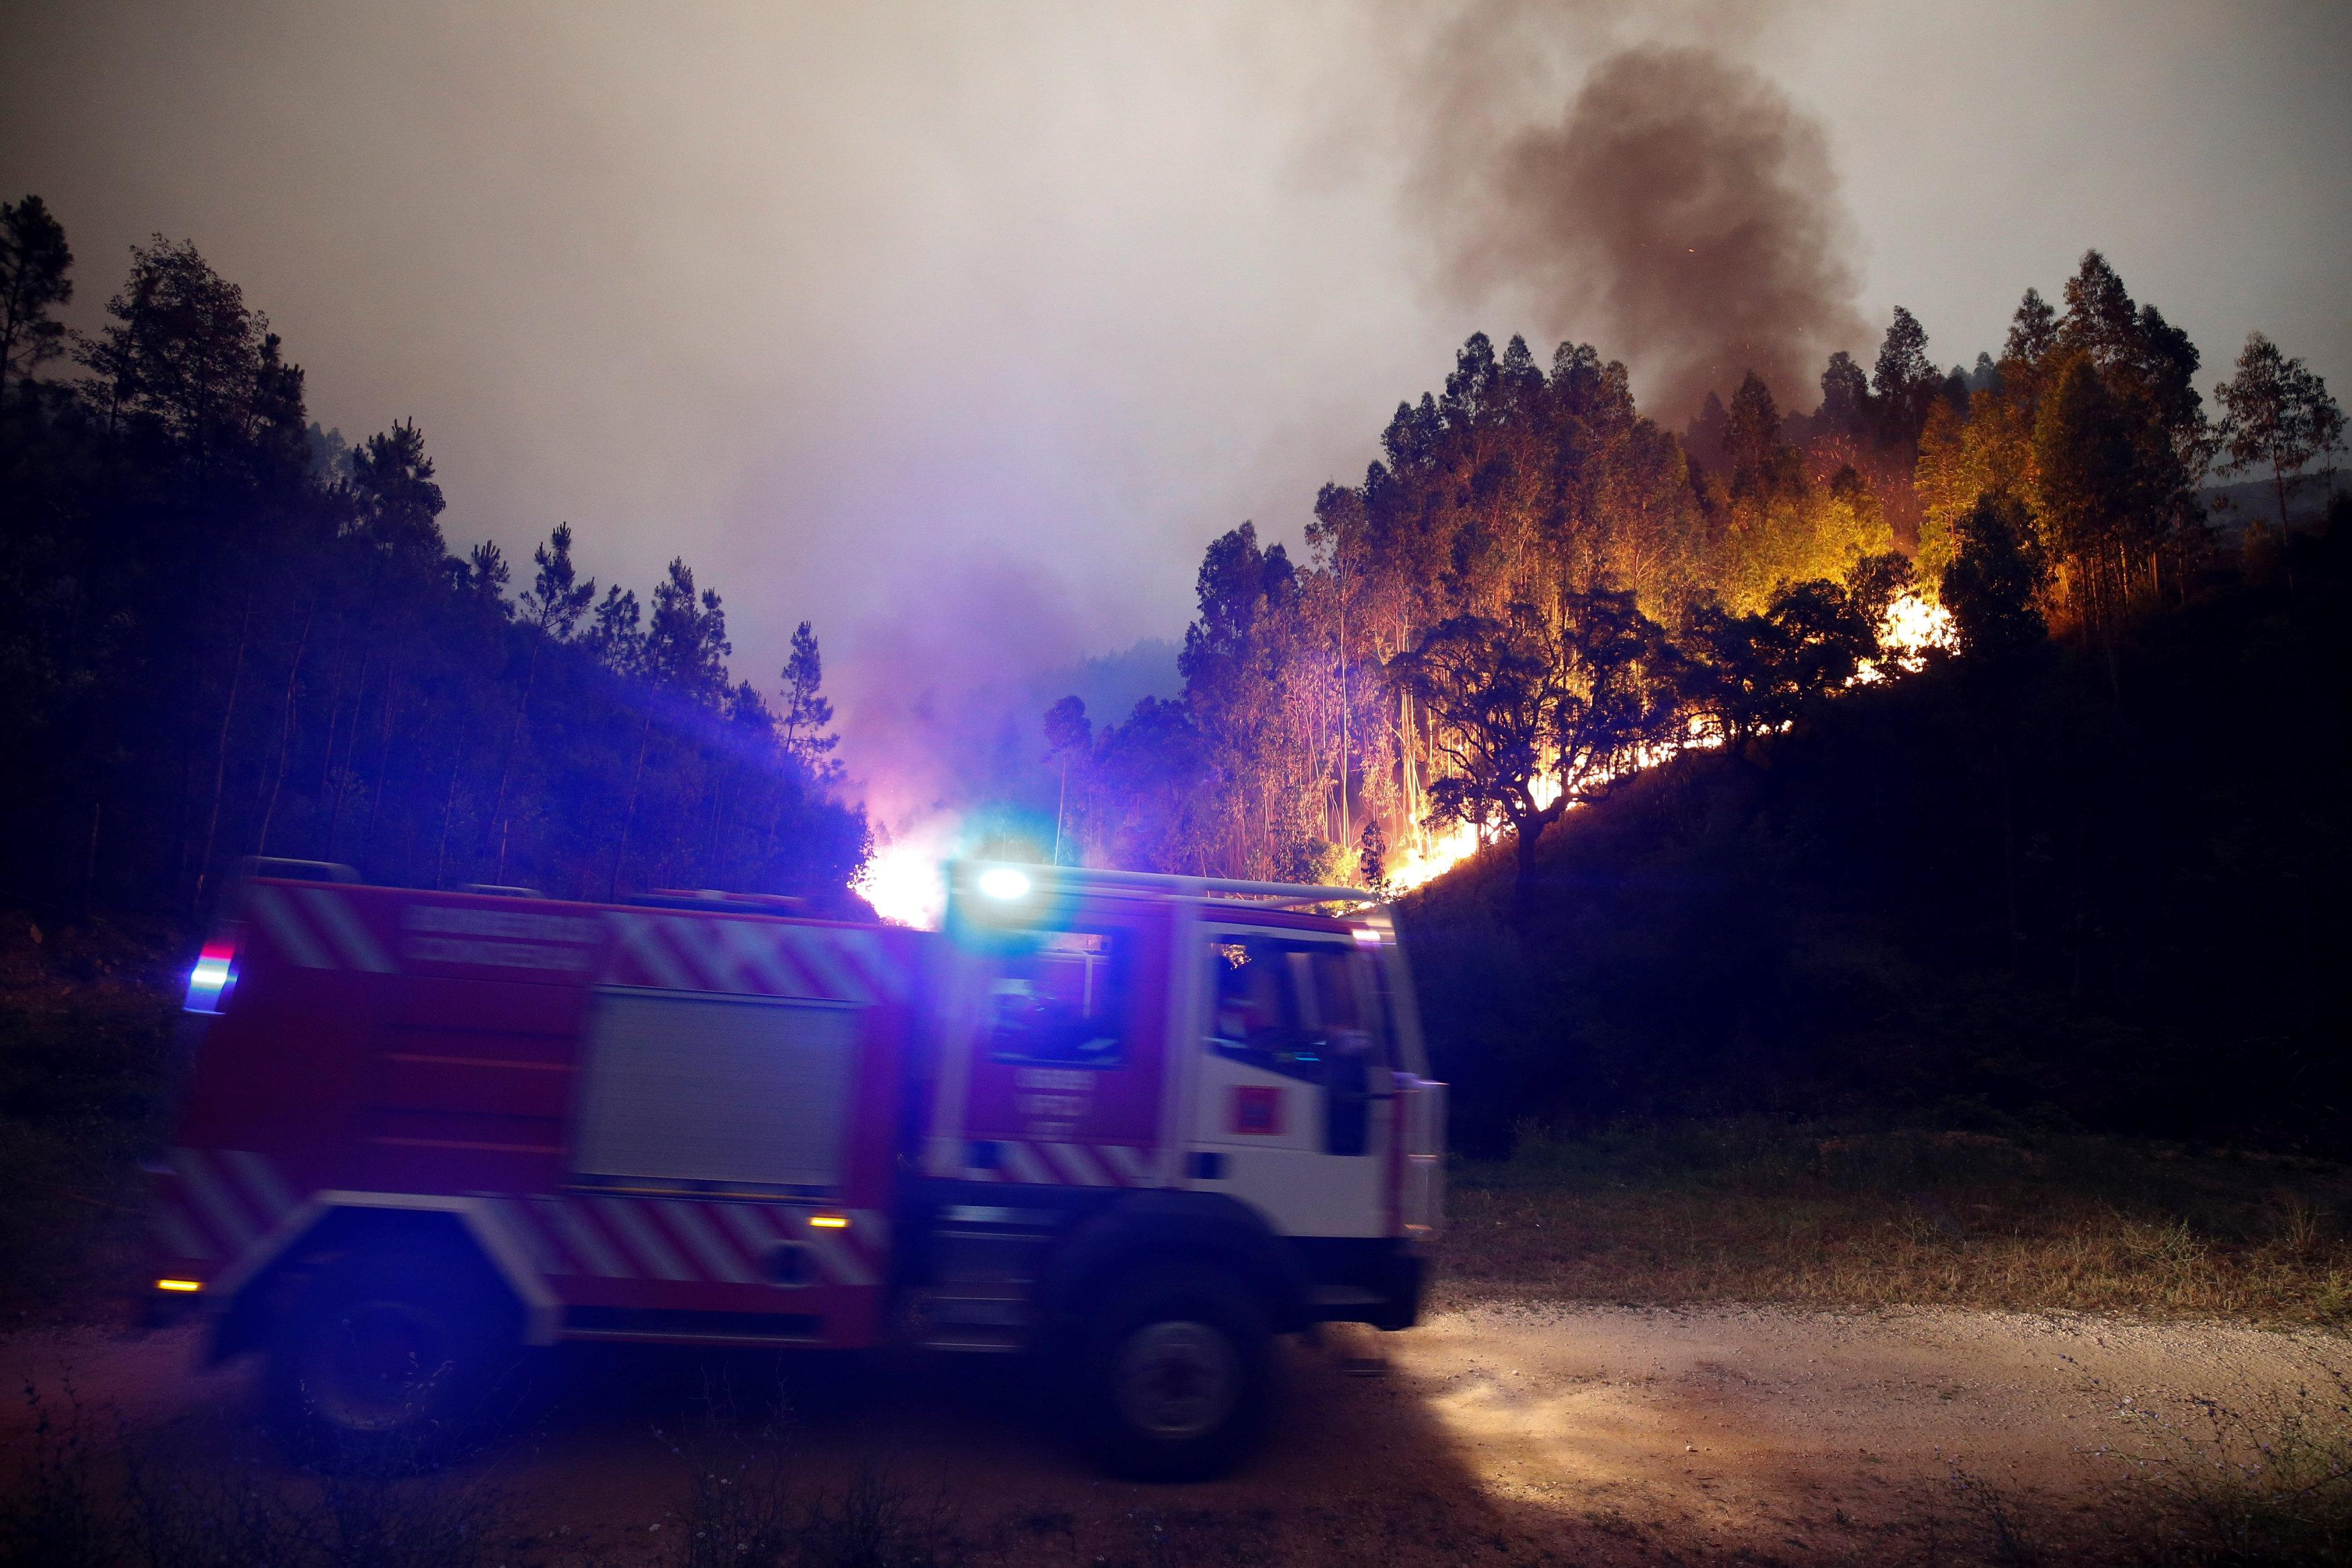 2017-06-18T062756Z 768060061 RC1F90390F80 RTRMADP 3 PORTUGAL-FIRE